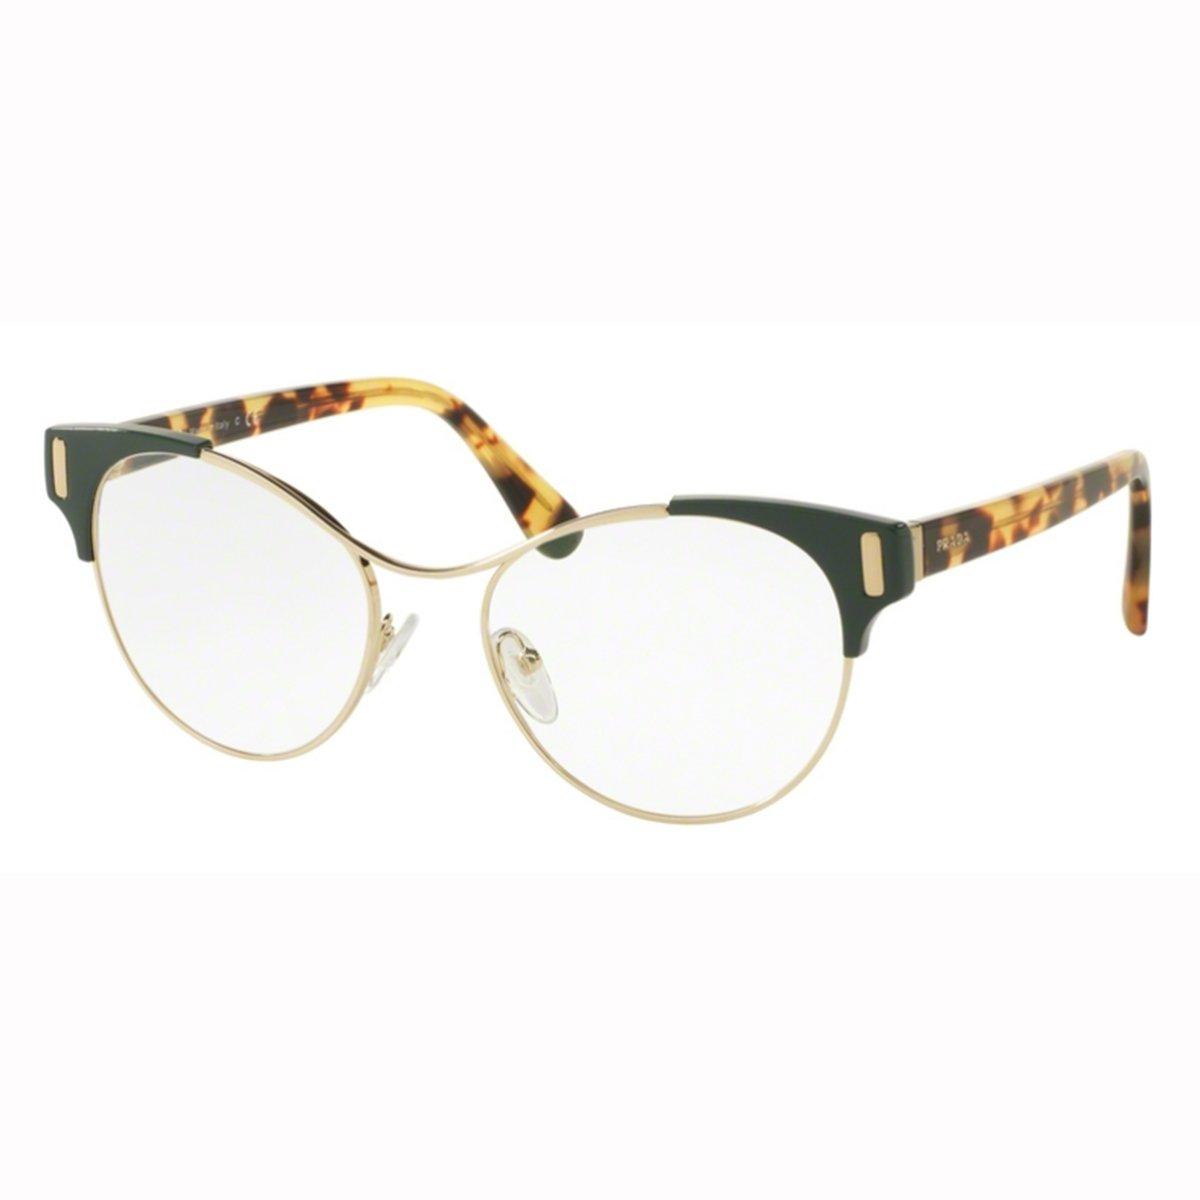 a1fc2234965b6 Compre Óculos de Grau Prada em 10X   Tri-Jóia Shop